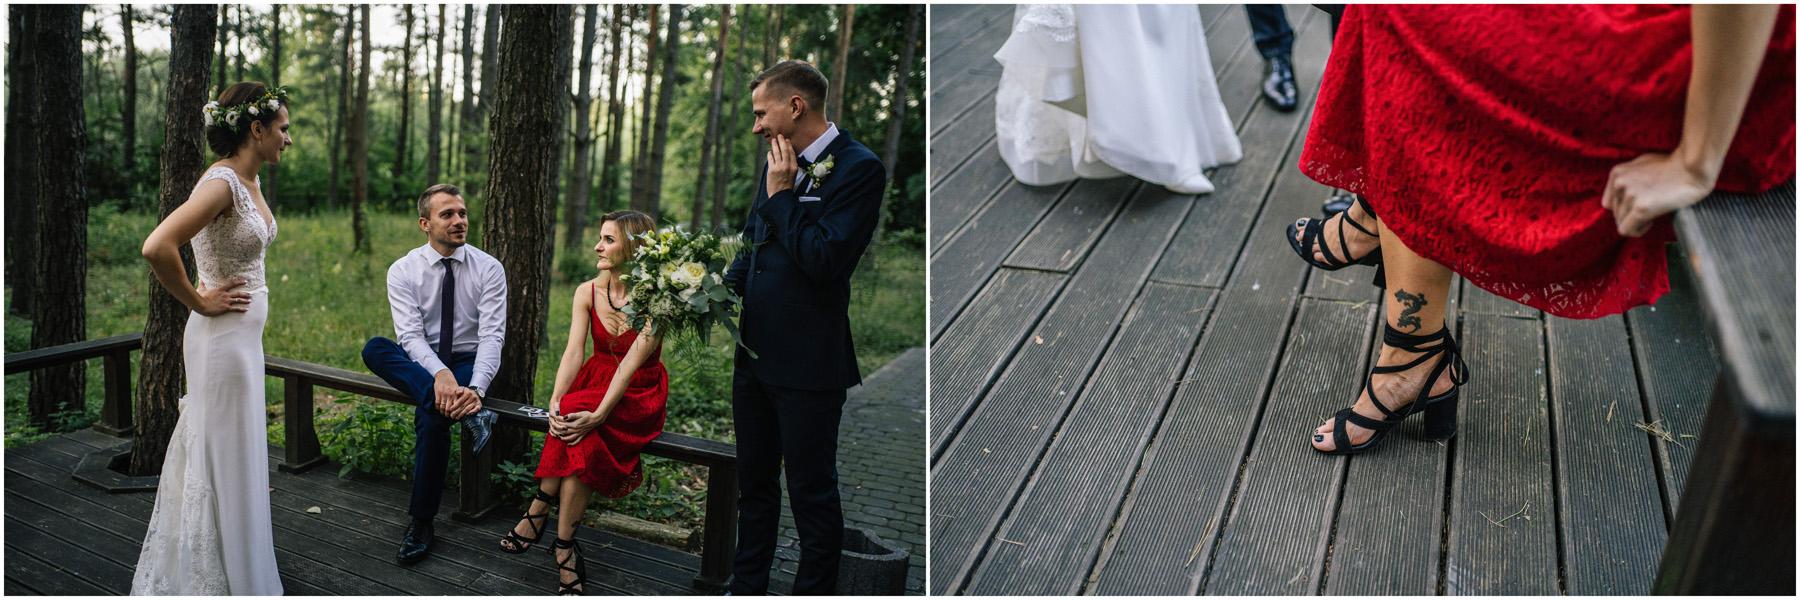 Ewa & Mateusz | leśny ślub w Uroczysku 68